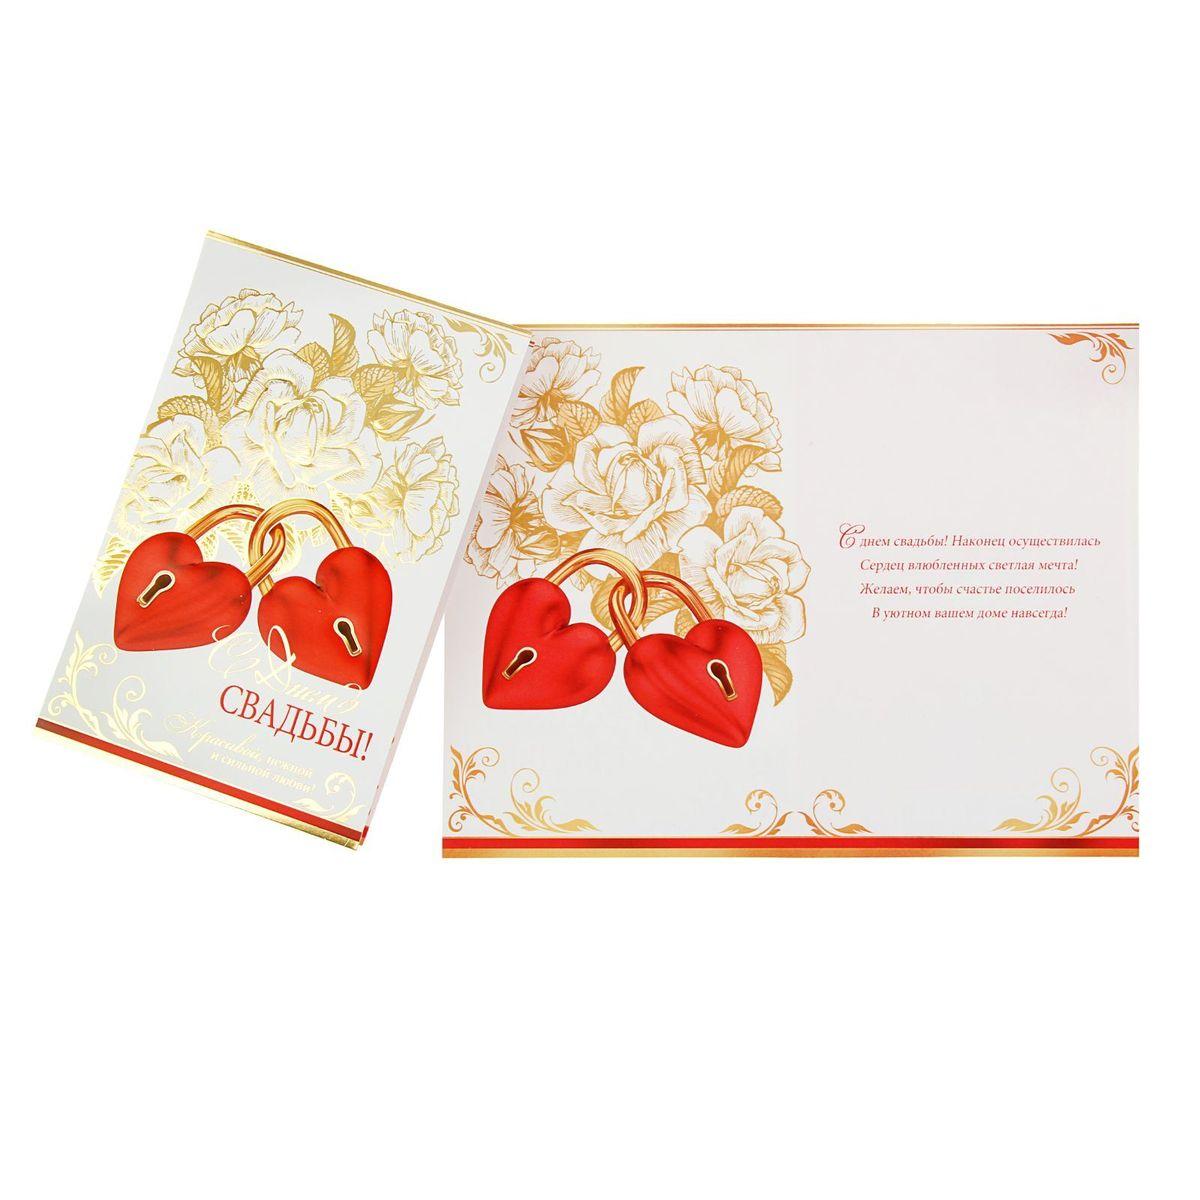 Открытка Мир открыток С Днем Свадьбы! Замочки1323088Если вы хотите порадовать себя или близких, создать праздничное настроение и с улыбкой провести памятный день, то вы, несомненно, сделали правильный выбор! Открытка Мир открыток С Днем Свадьбы! Замочки, выполненная из картона, отличается не только оригинальным дизайном, но и высоким качеством. Лицевая сторона изделия оформлена красивым изображением красных замков в форме сердец и дополнена фольгированным тиснением конгрев. Внутри открытка содержит текст с поздравлением. Такая открытка непременно порадует получателя и станет отличным напоминанием о проведенном вместе времени.